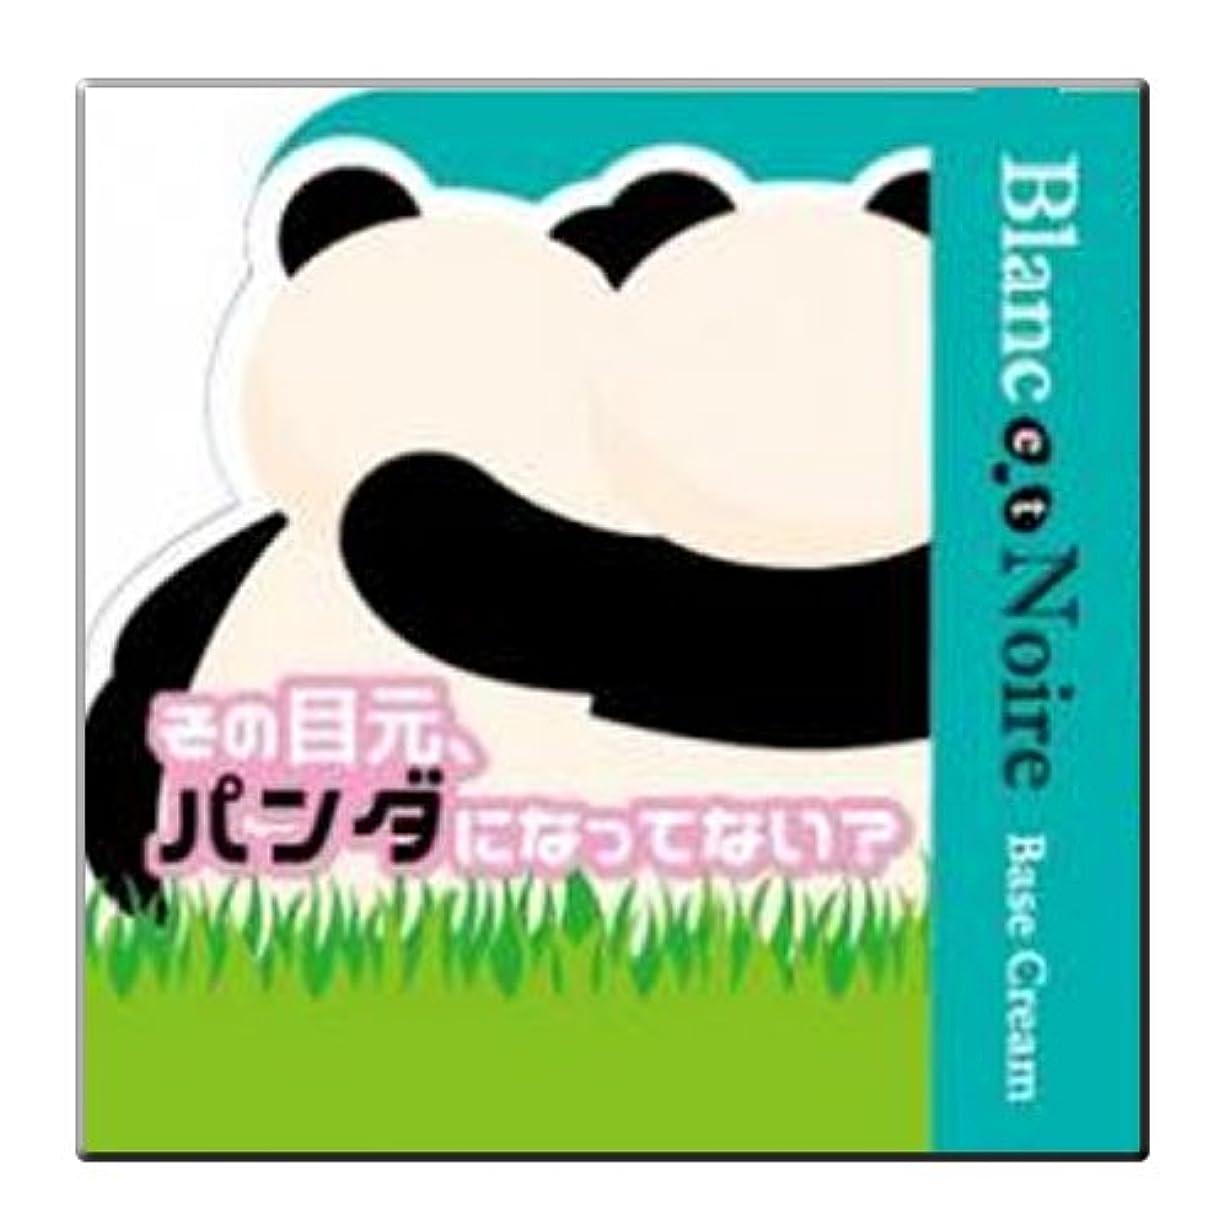 テーマ添付少なくともBlanc et Noire(ブラン エ ノアール) Base Cream(ベースクリーム) 薬用美白クリームファンデーション 医薬部外品 15g